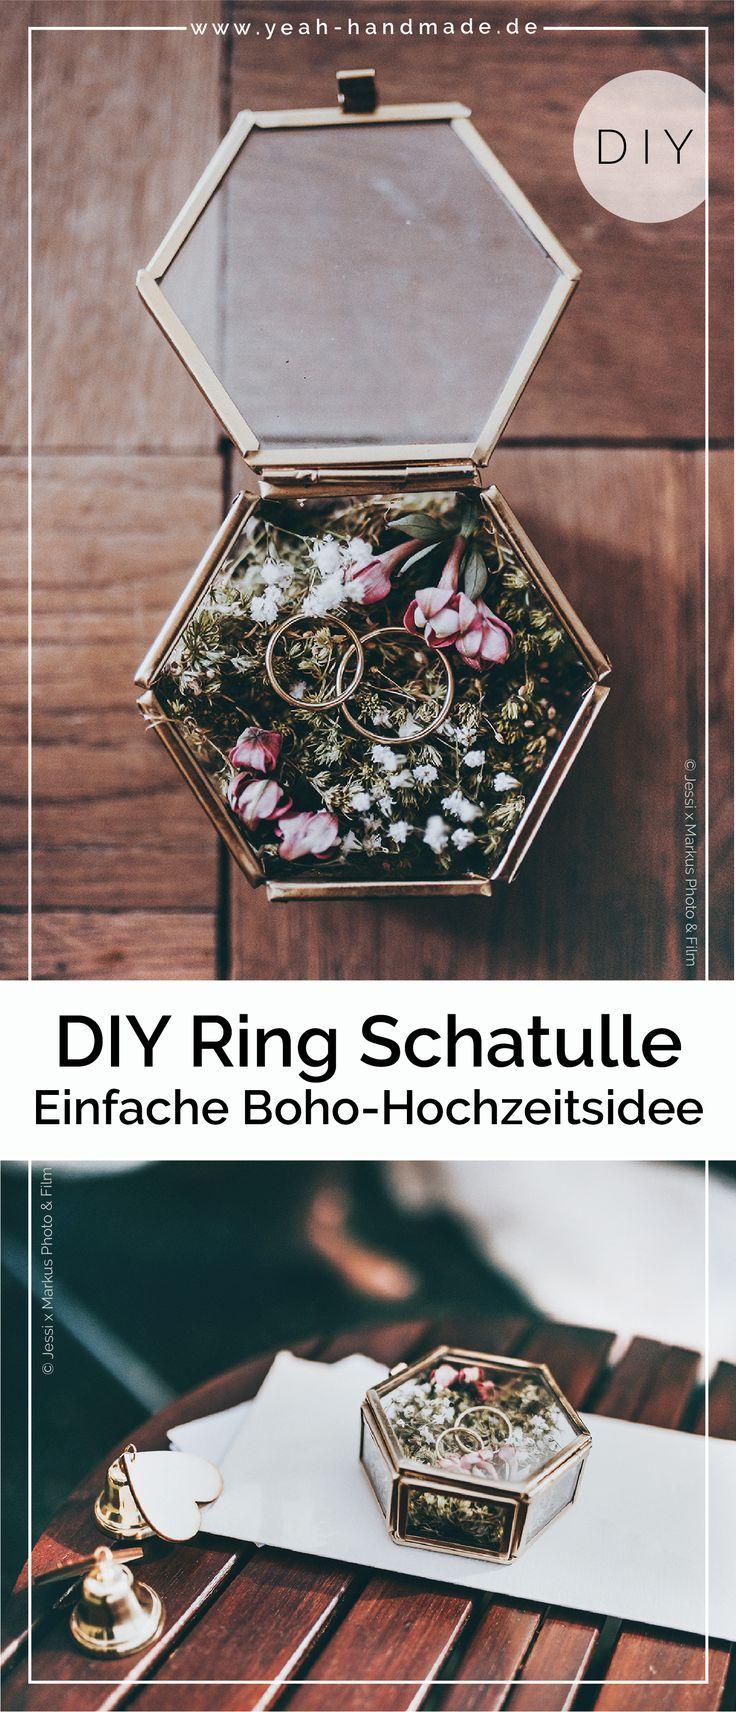 DIY Hochzeitsideen: Ringkissen aus Moos in einer Glasschatulle #weddings